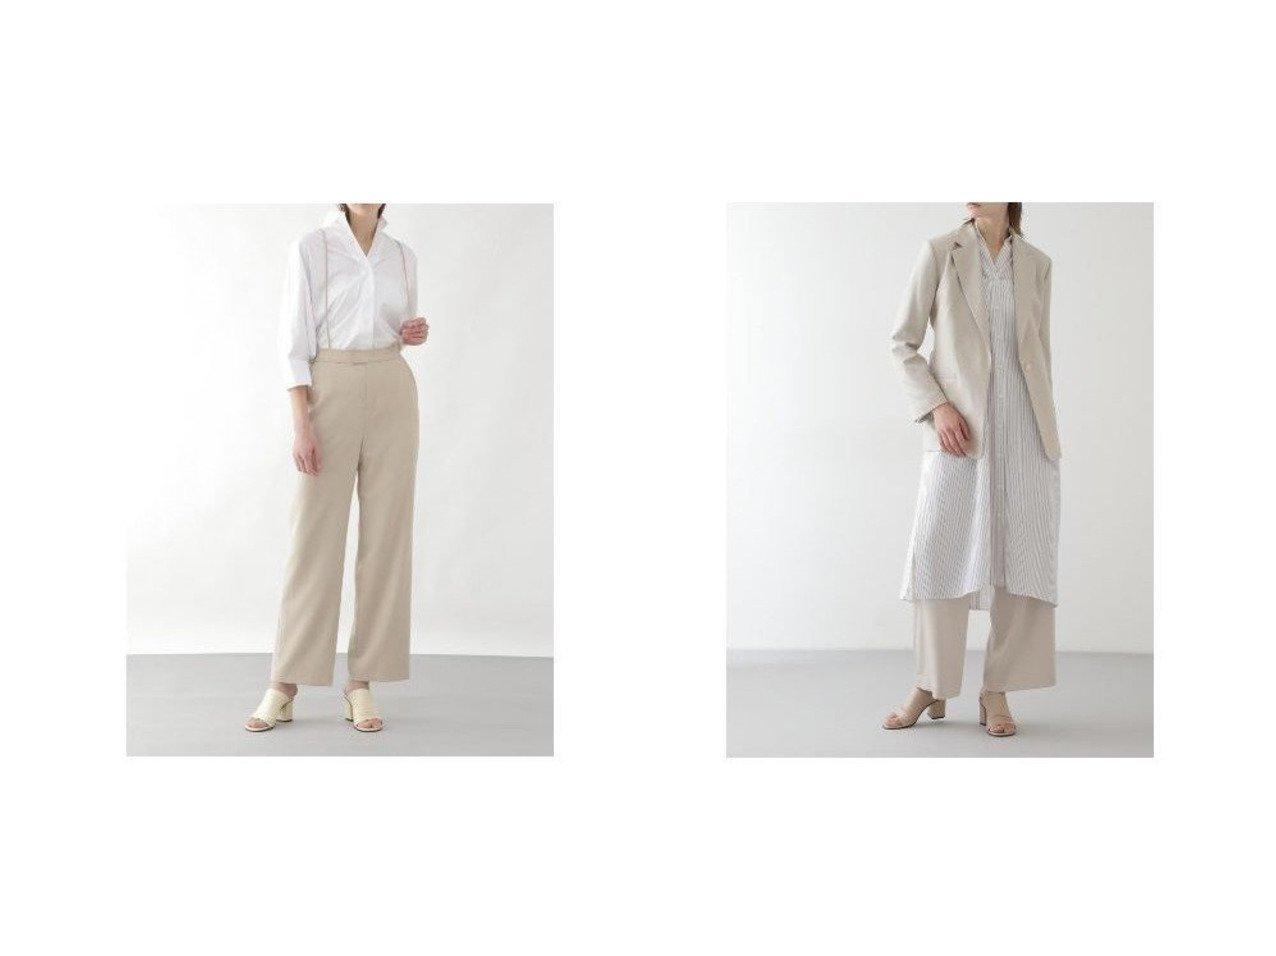 【BOSCH/ボッシュ】のハンマーサテンタックパンツ&VISPOLYNOトロピカルセットパンツ BOSCHのおすすめ!人気、トレンド・レディースファッションの通販  おすすめで人気の流行・トレンド、ファッションの通販商品 メンズファッション・キッズファッション・インテリア・家具・レディースファッション・服の通販 founy(ファニー) https://founy.com/ ファッション Fashion レディースファッション WOMEN パンツ Pants サスペンダー スタンダード ストレート セットアップ ギャザー サテン ドレープ フロント ポケット モダン リラックス ワイド |ID:crp329100000020177